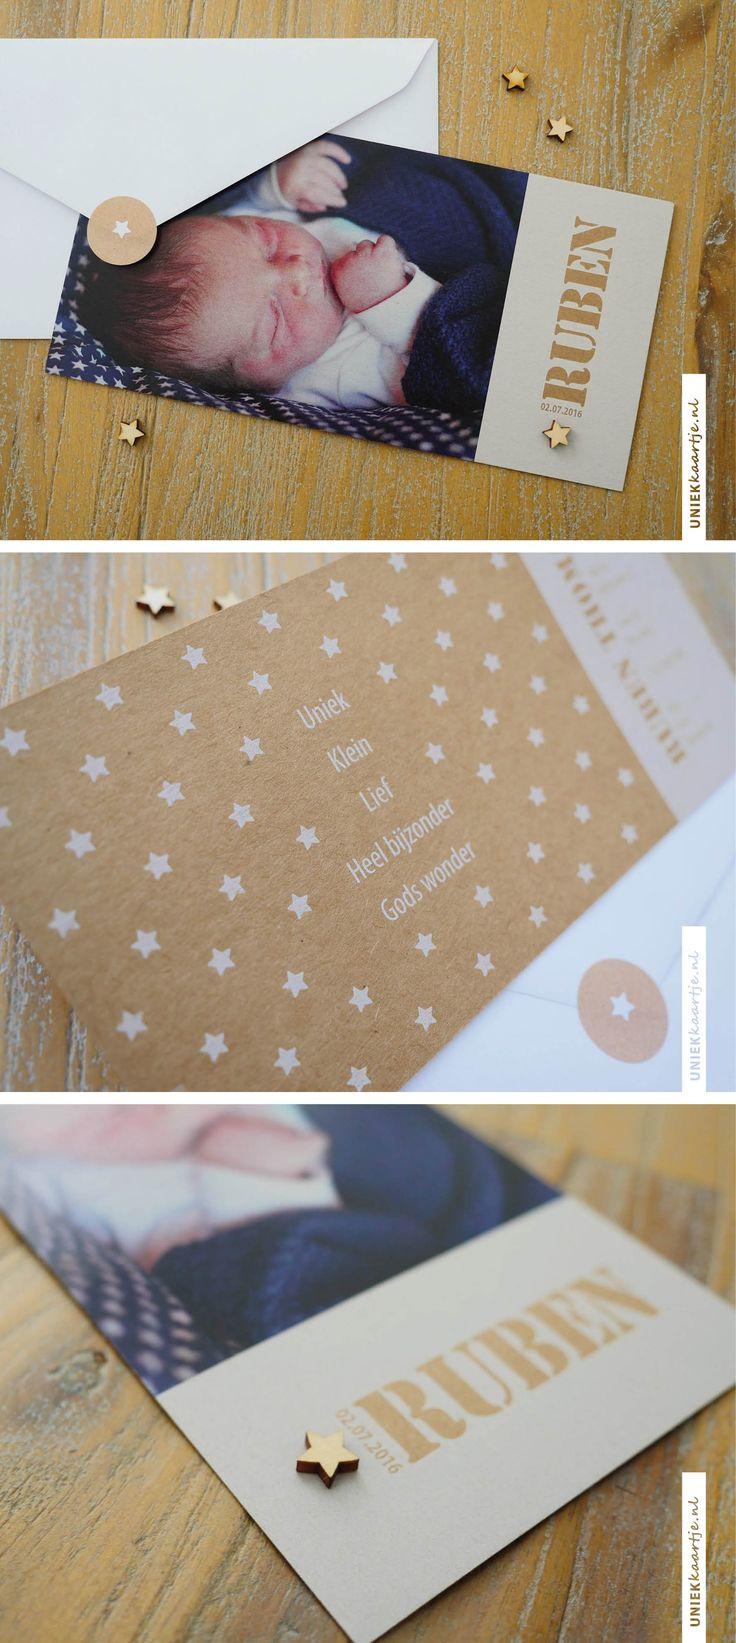 Wat is de geboortekaart van Ruben stoer geworden! De fullcolor én witte inkt op kraft karton i.c.m. het houten sterretje maken dat dit kaartje er echt uitspringt. De foto maakten de ouders van Ruben zelf.